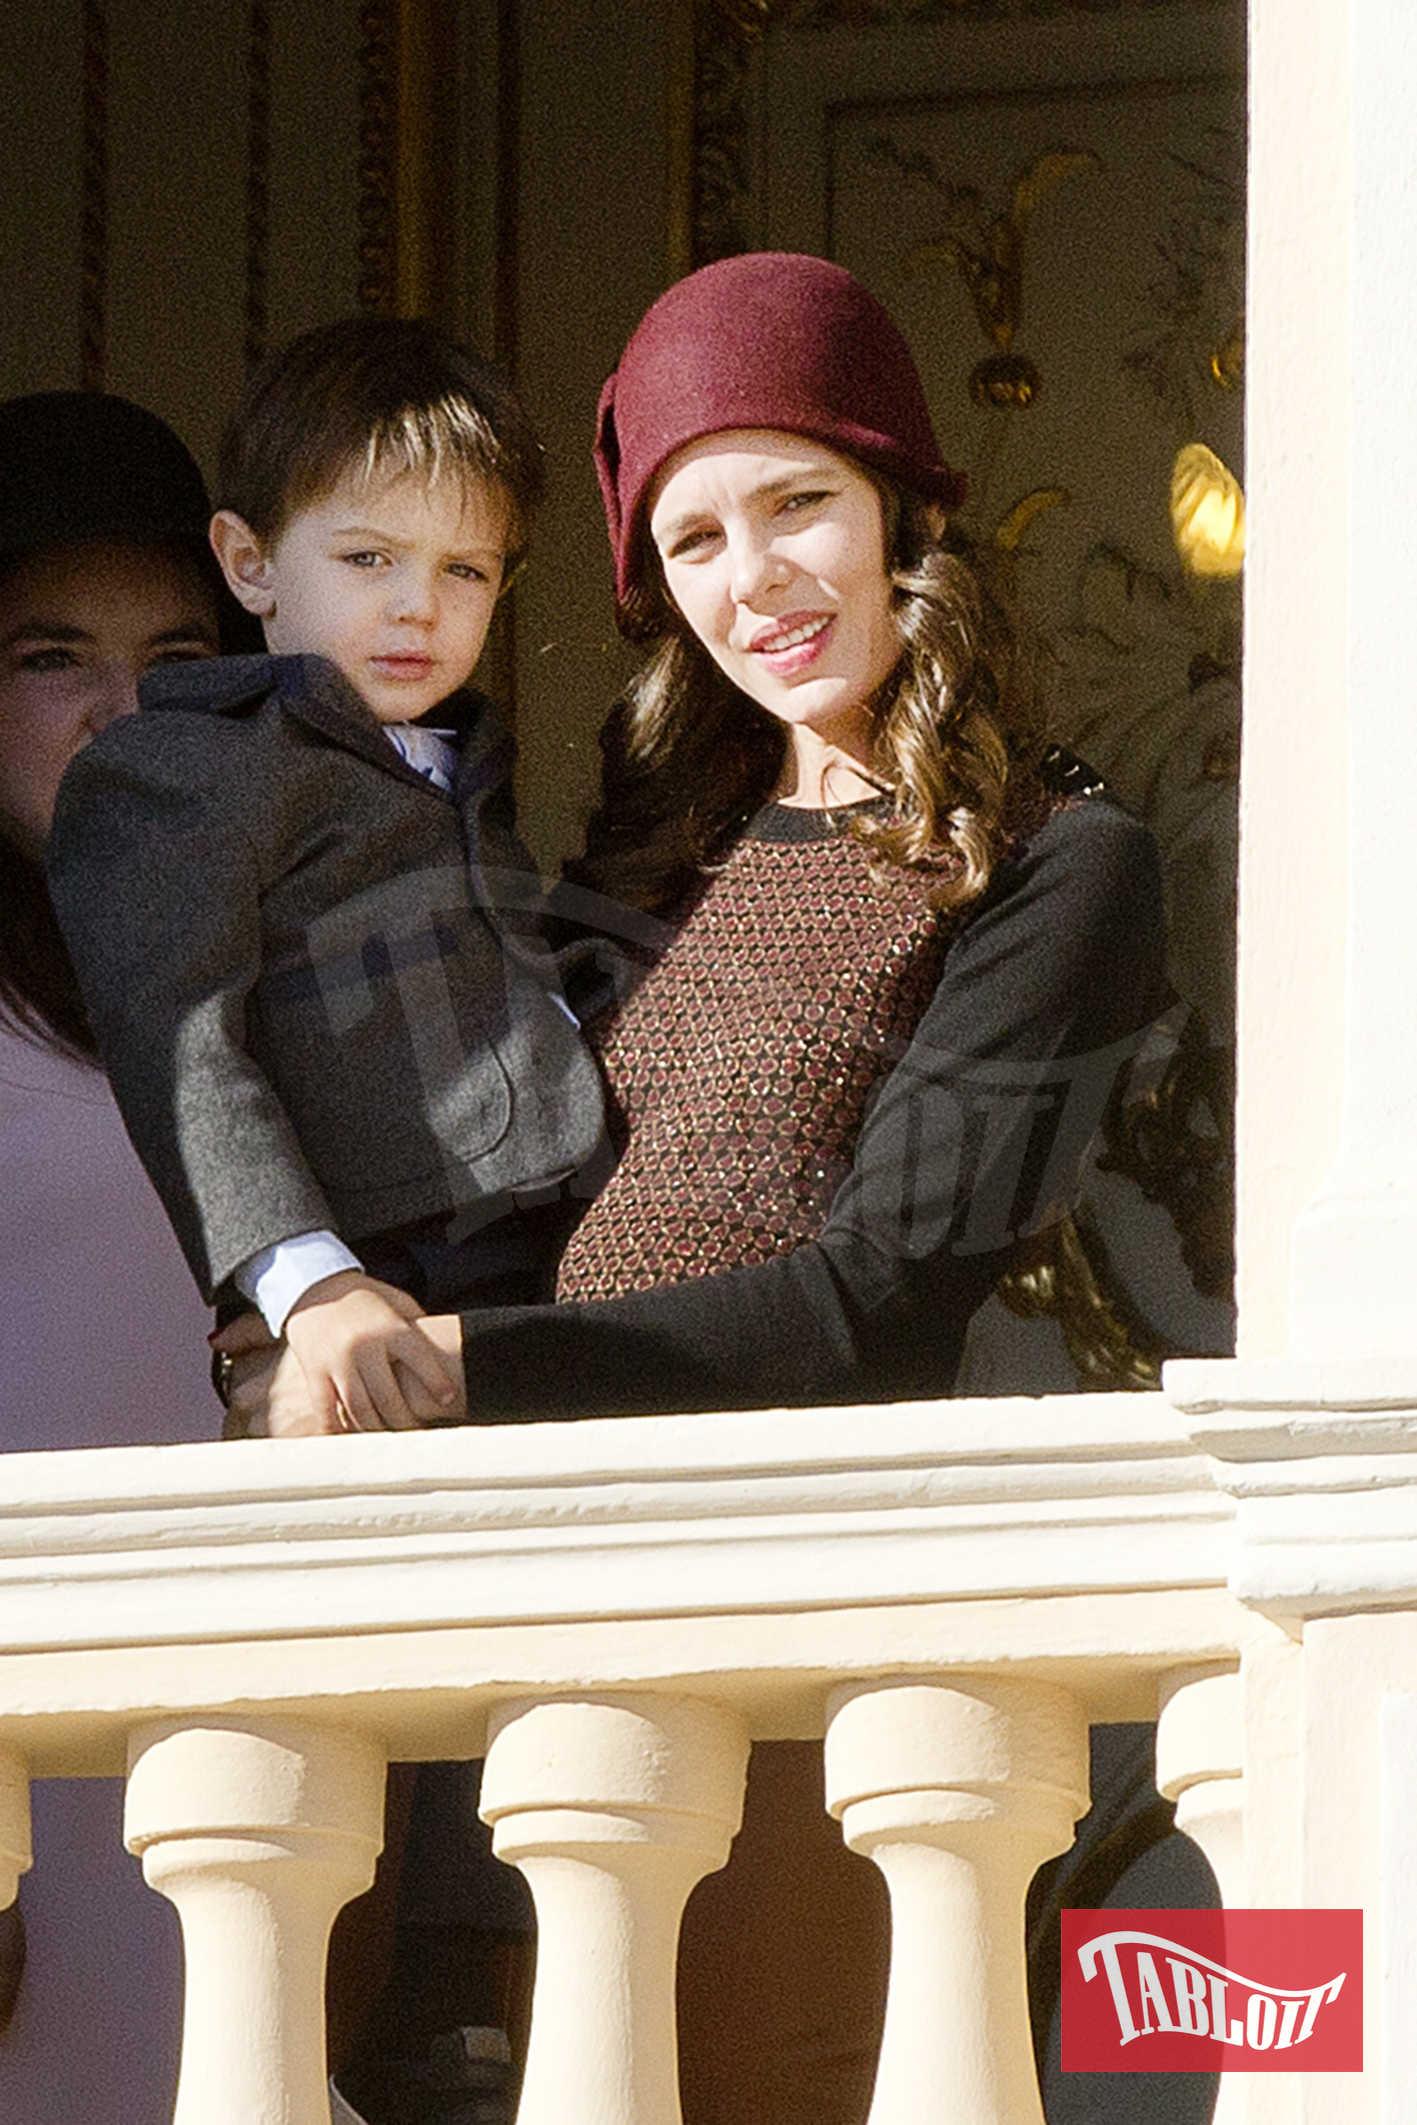 Charlotte Casiraghi ha partecipato alla Giornata Nazionale del Principato senza il fidanzato Dimitri Rassam (che presto diventerà suo marito). Con lei c'era il figlio Raphael, nato dalla relazione tra la monegasca e l'attore comico francese Gad Elmaleh